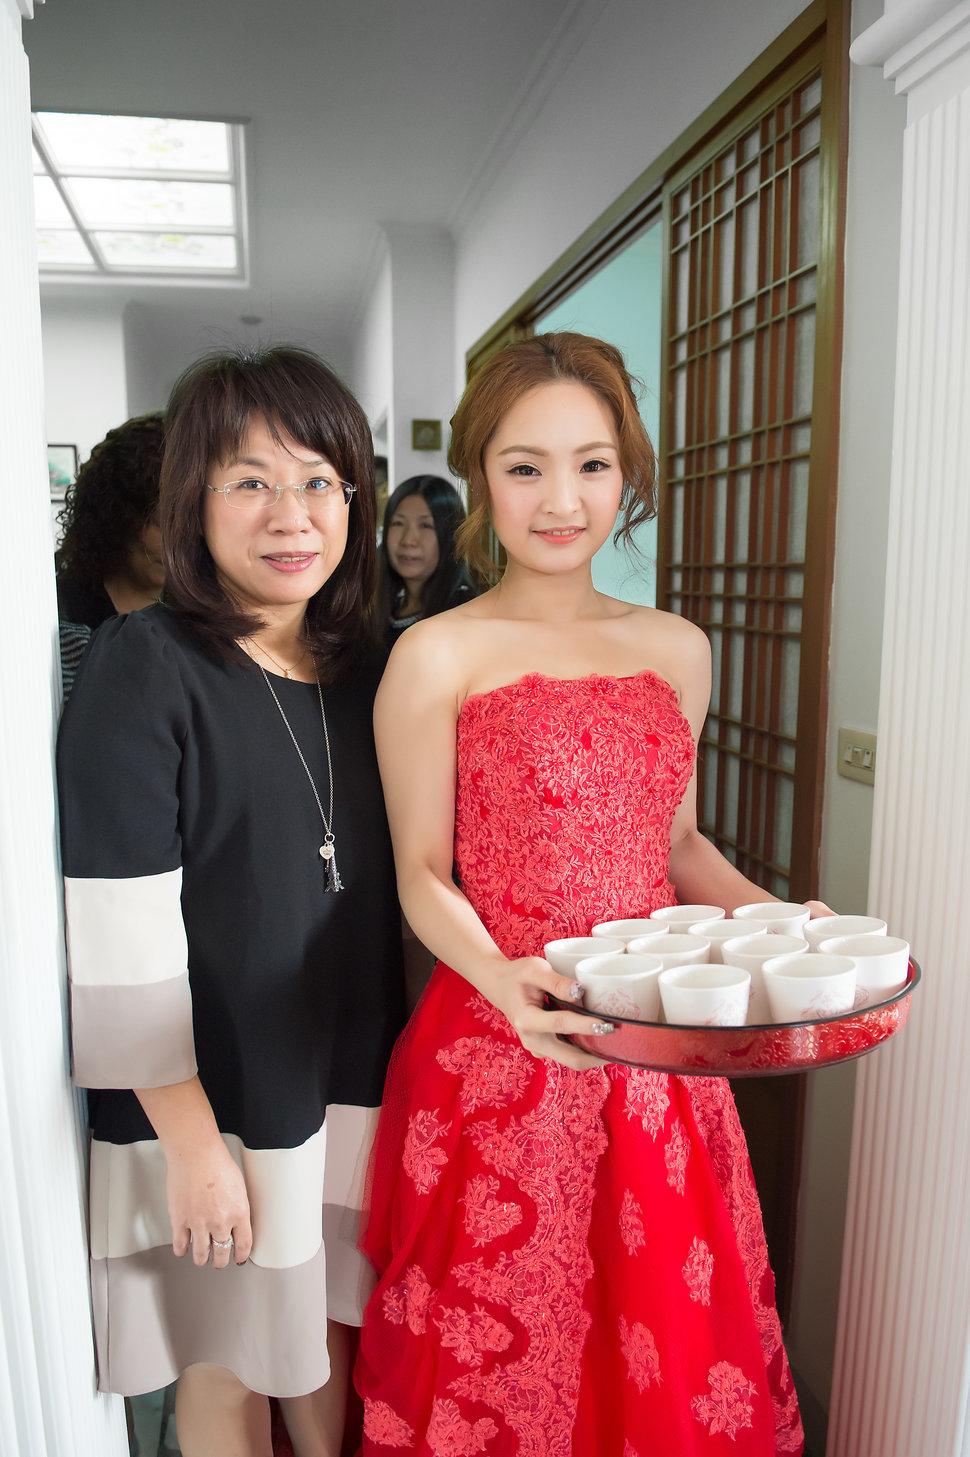 [台北婚攝] 訂婚迎娶儀式@雙岩龍鳳城(編號:432327) - LoveStoryAllen IMAGE - 結婚吧一站式婚禮服務平台